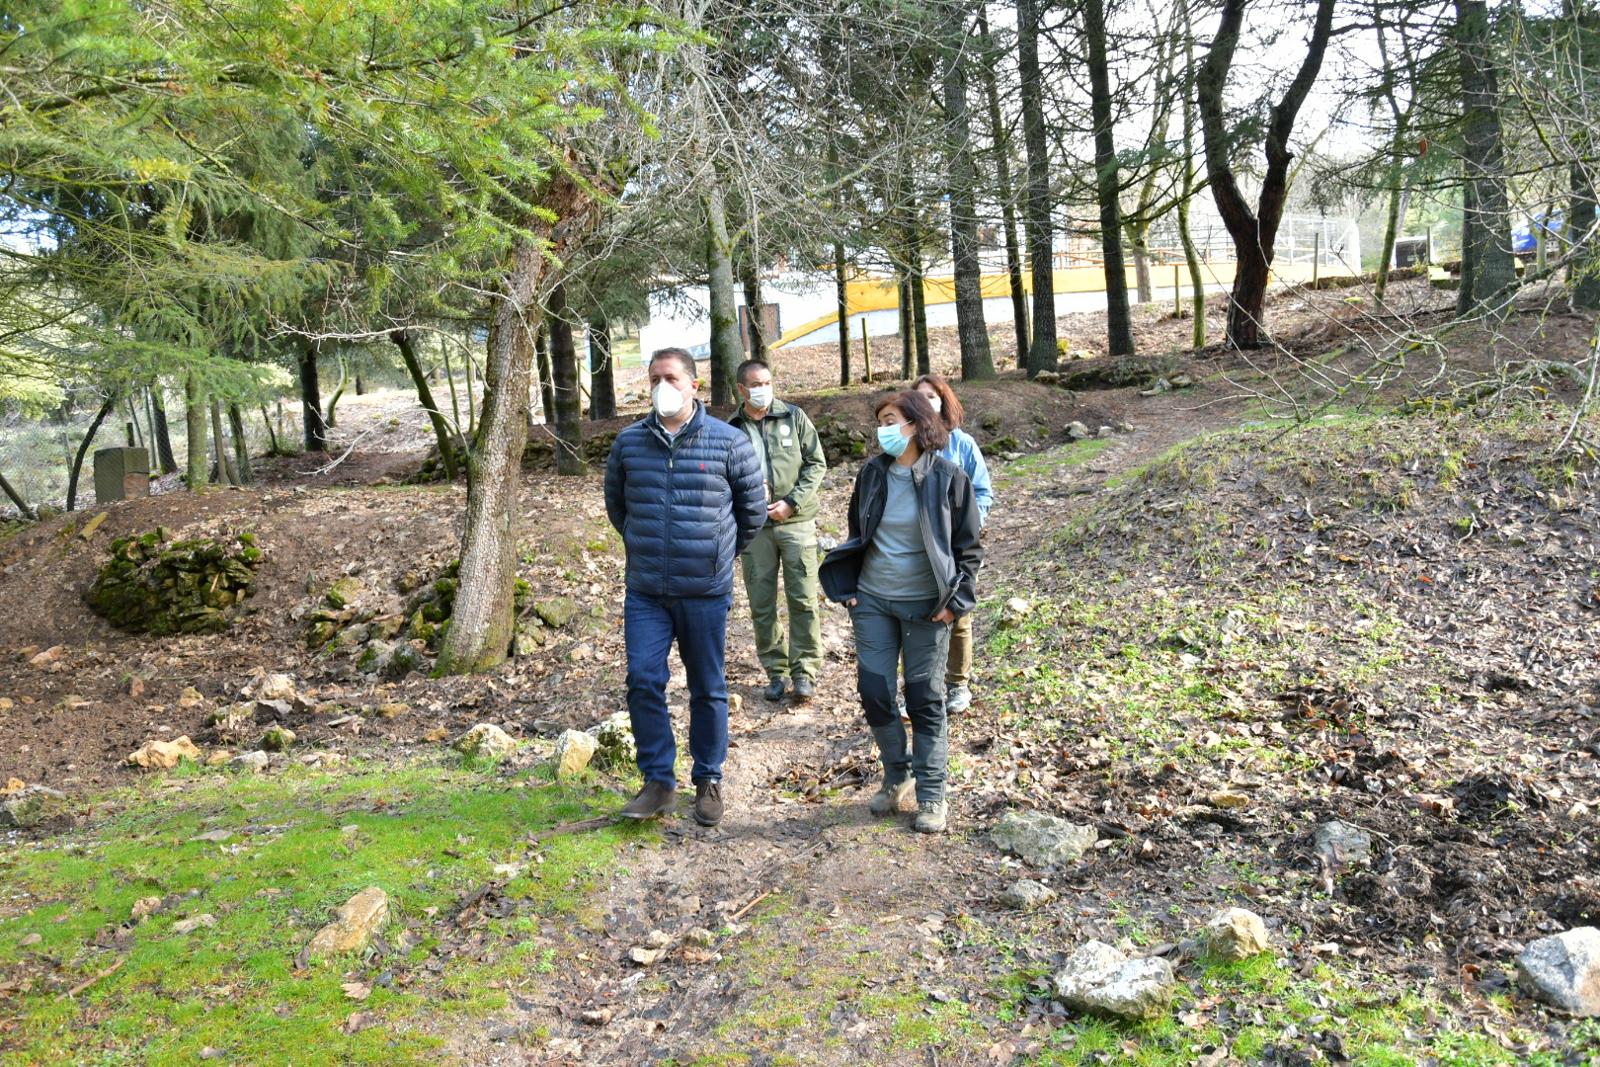 El Día Europeo de los Parques y de la Red Natura 2000 se celebra con actividades en los espacios protegidos